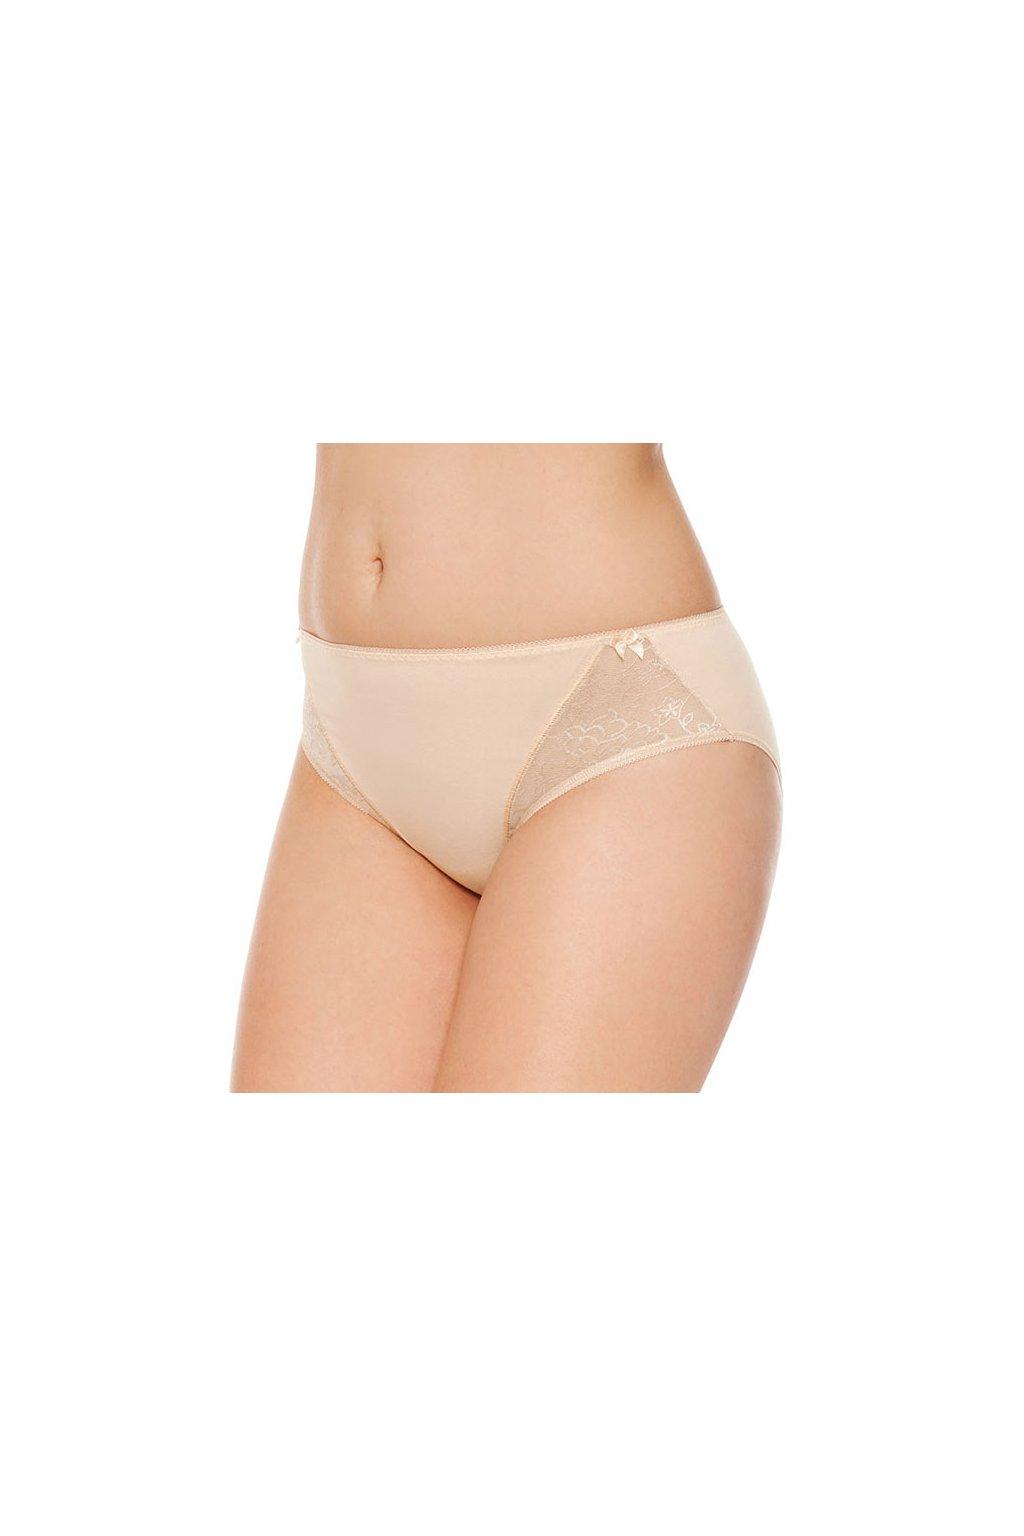 Dámské kalhotky, 100139 115, lososová